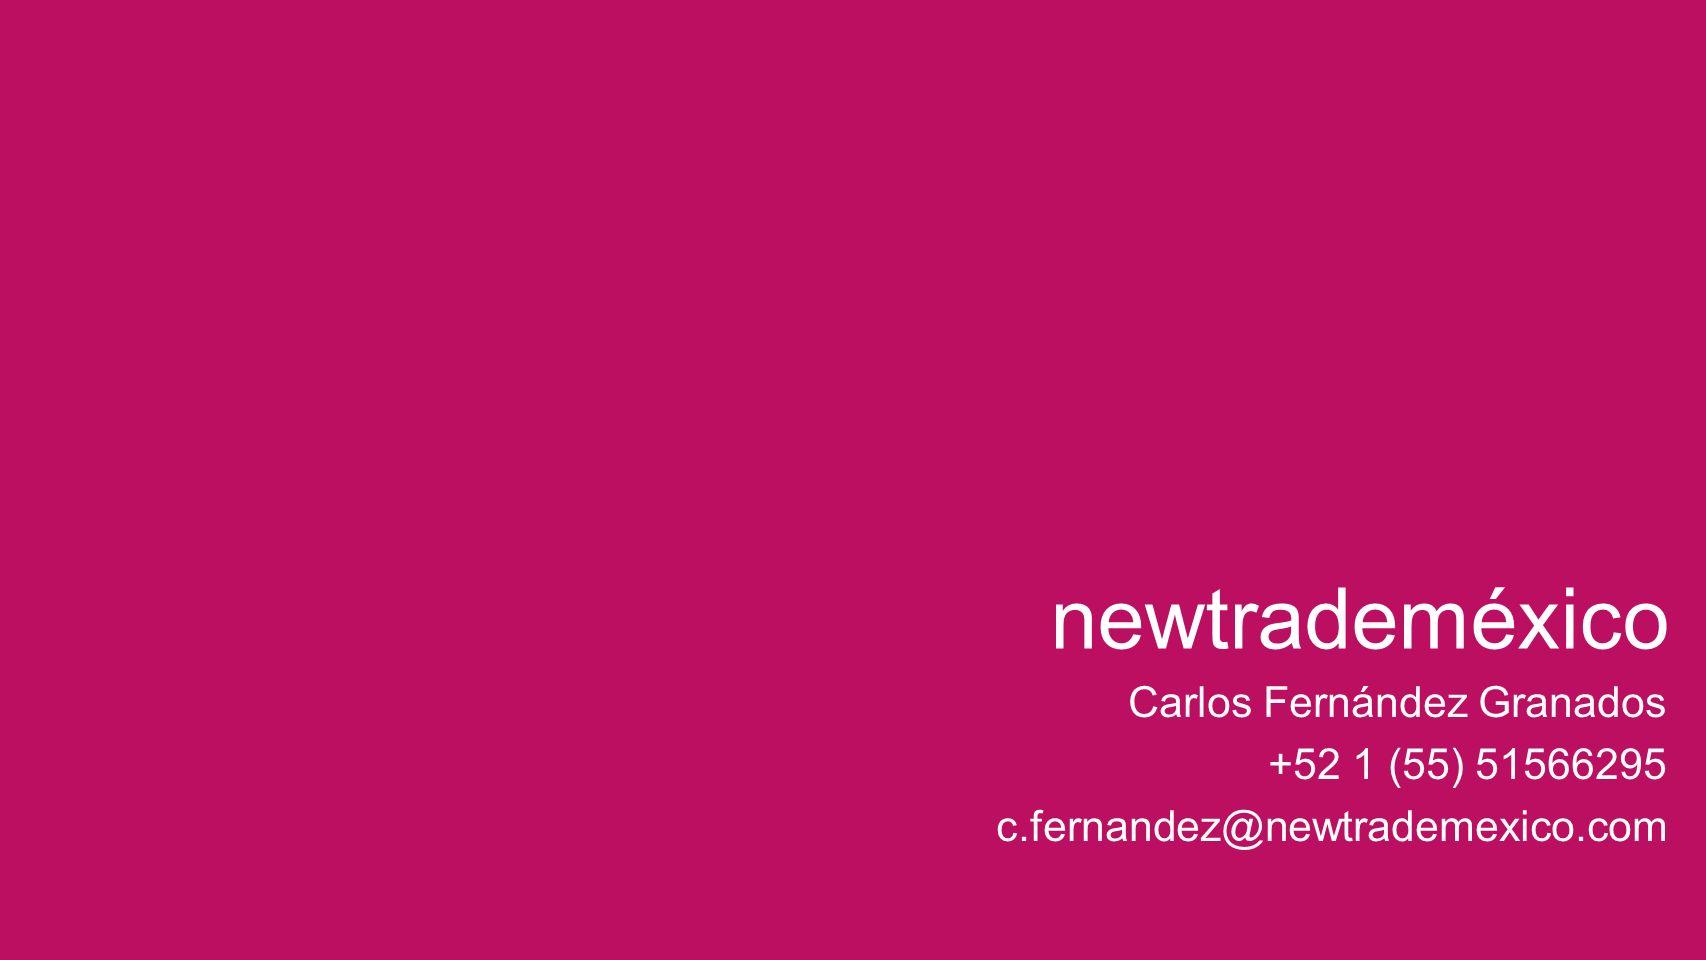 Carlos Fernández Granados +52 1 (55) 51566295 c.fernandez@newtrademexico.com newtrademéxico